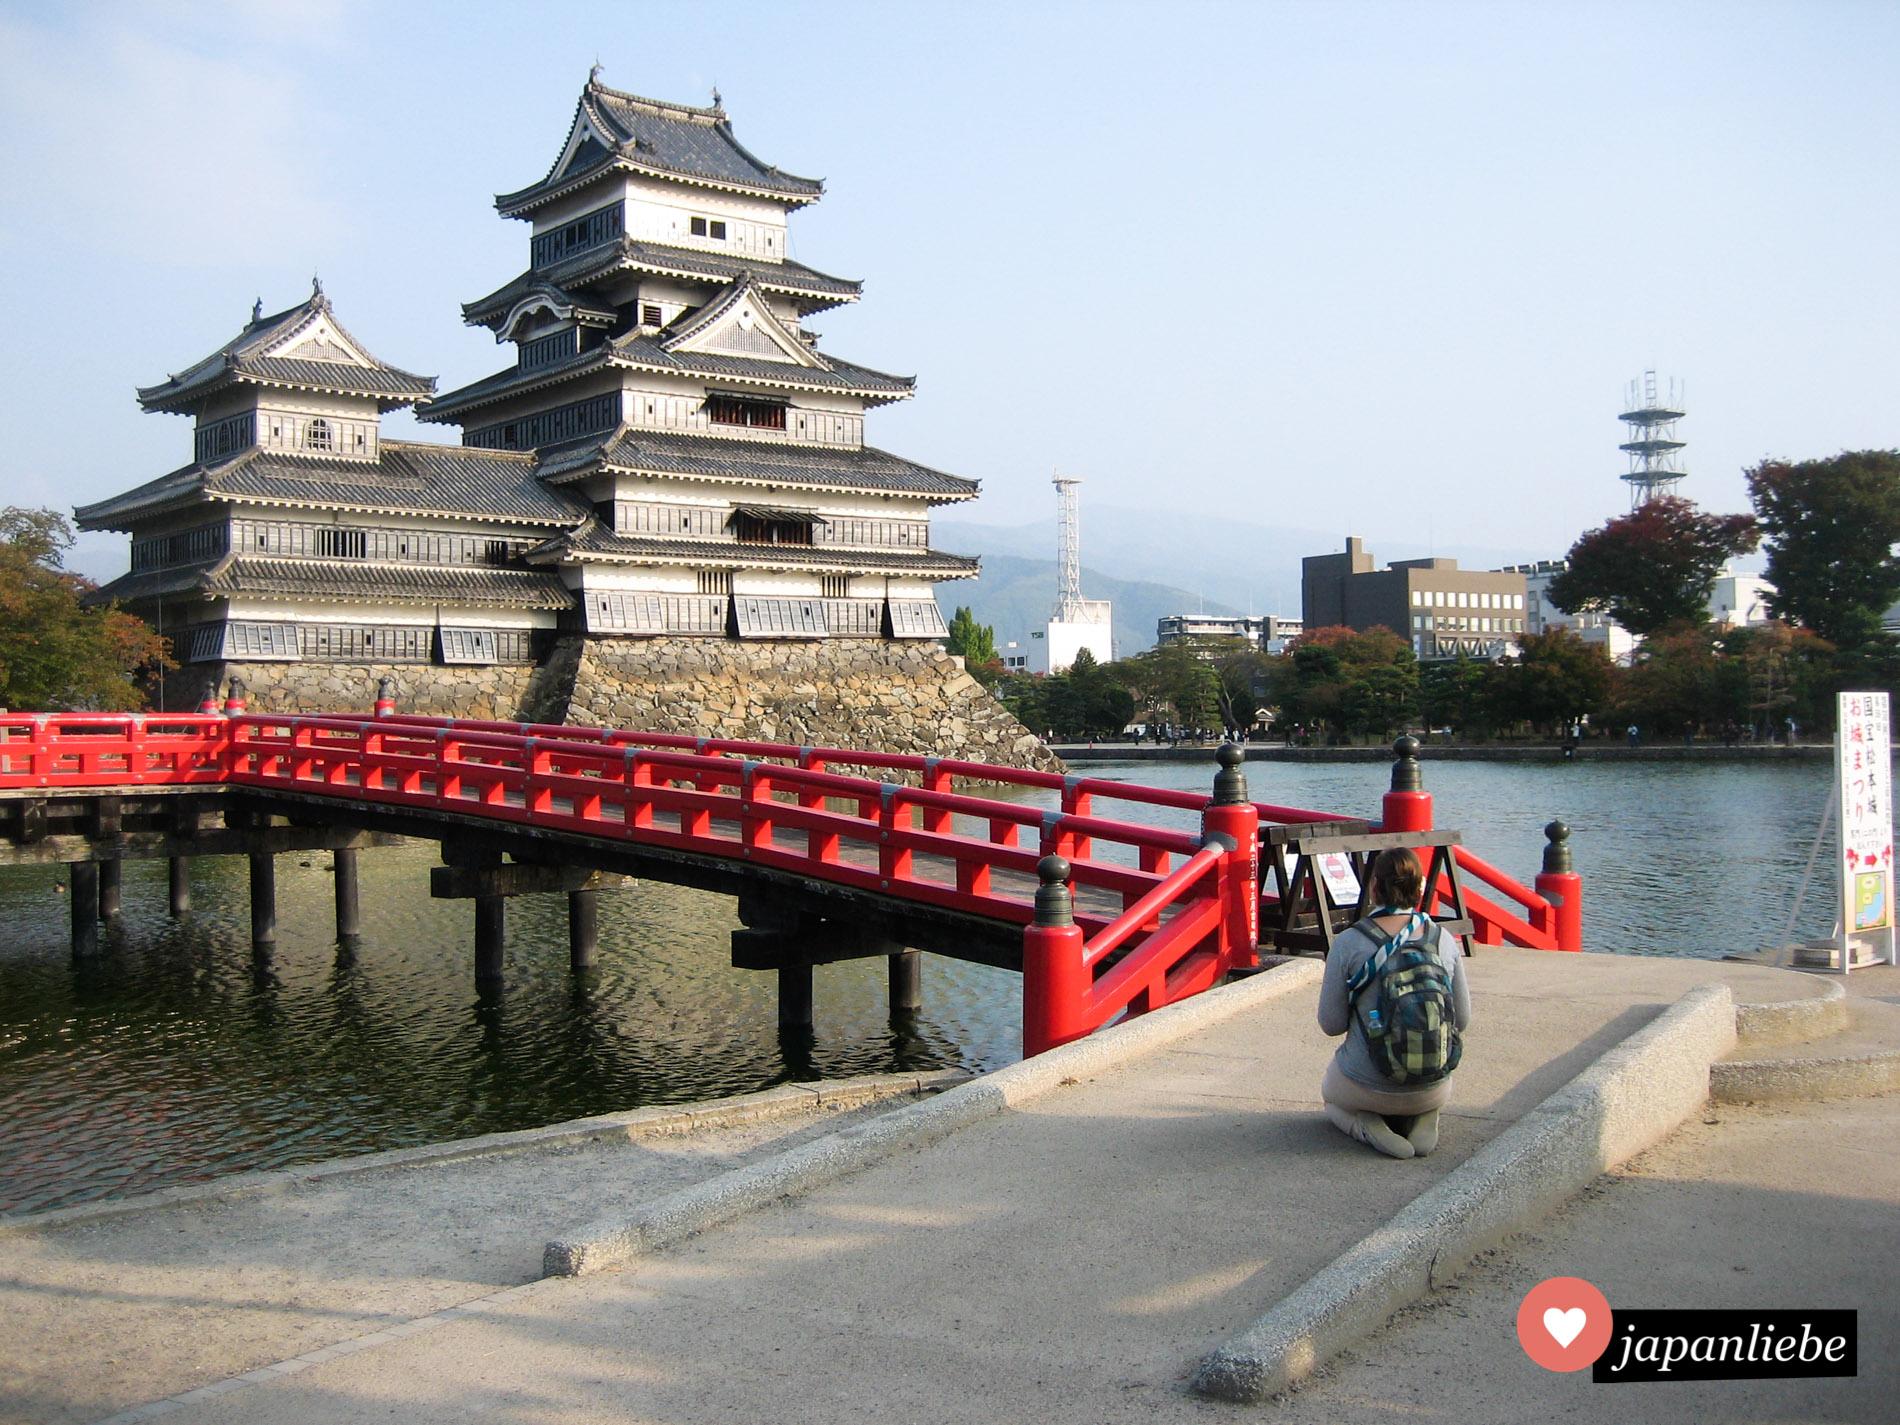 Japanbloggerin bei der Arbeit :) Die schwarze Burg in Matsumoto mit der roten Brücke davor ist eine meiner Lieblingsburgen in Japan.